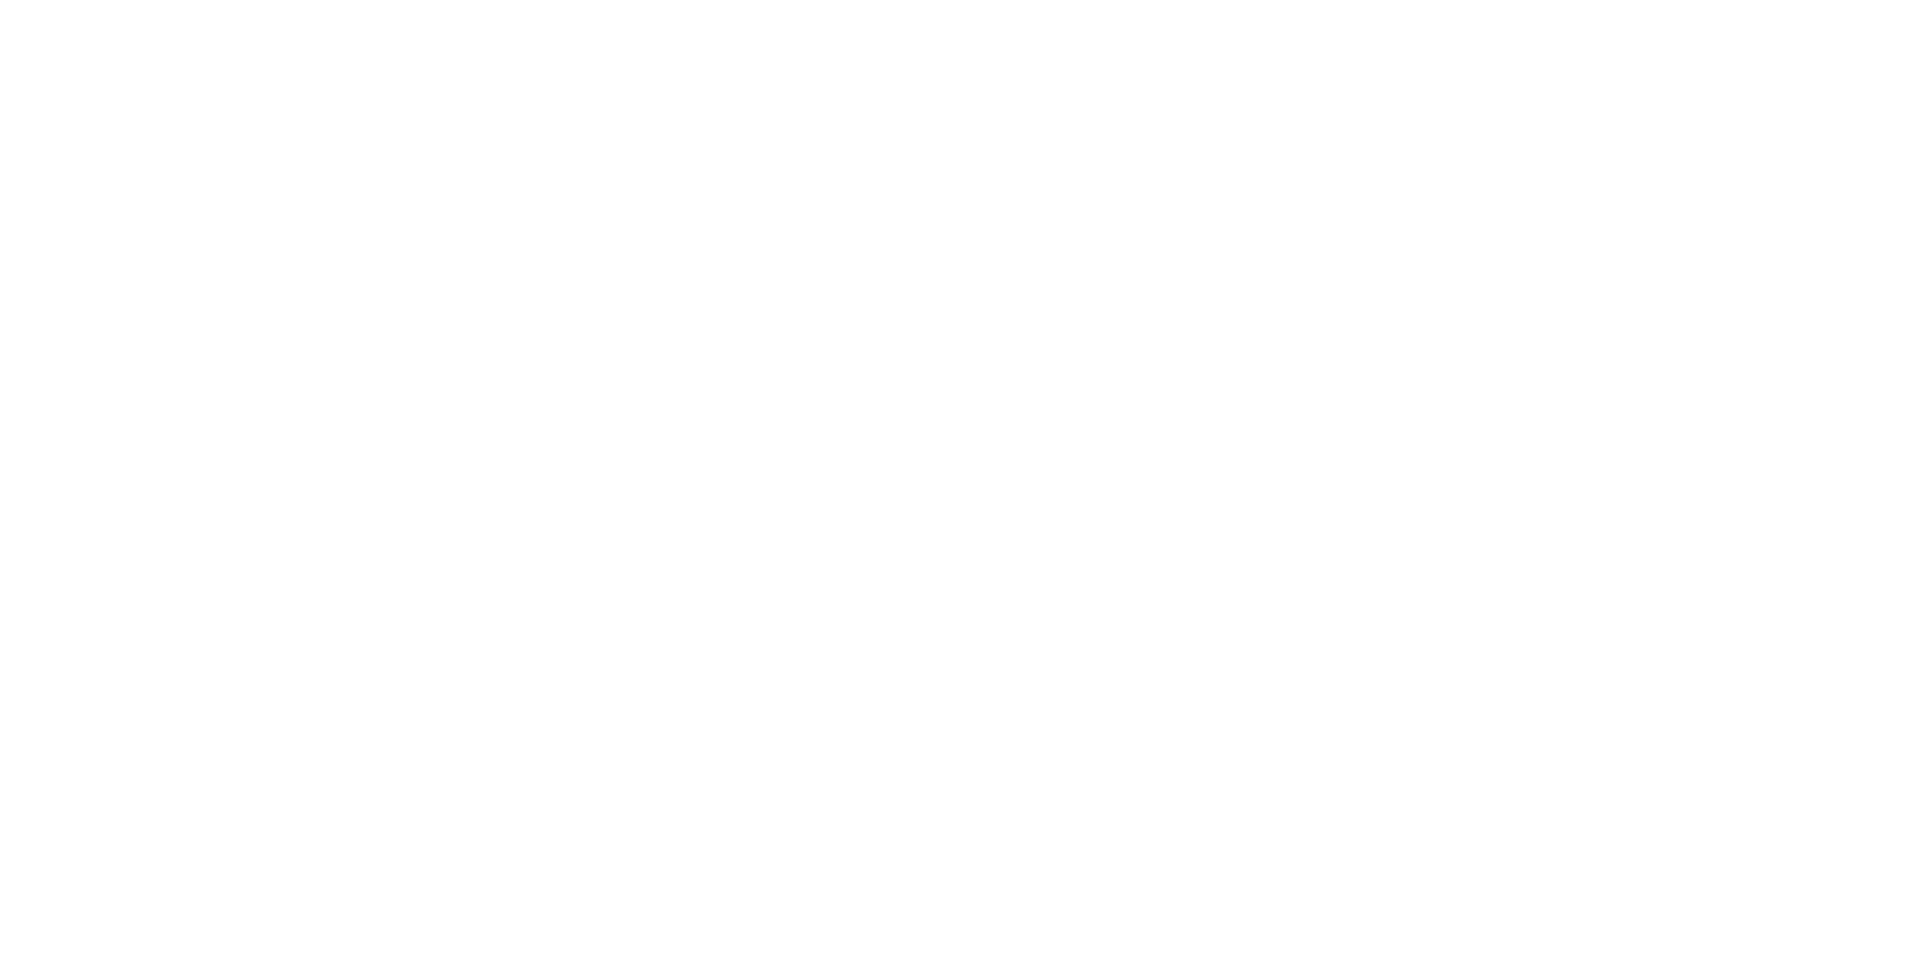 Aumühle Wellness Oase